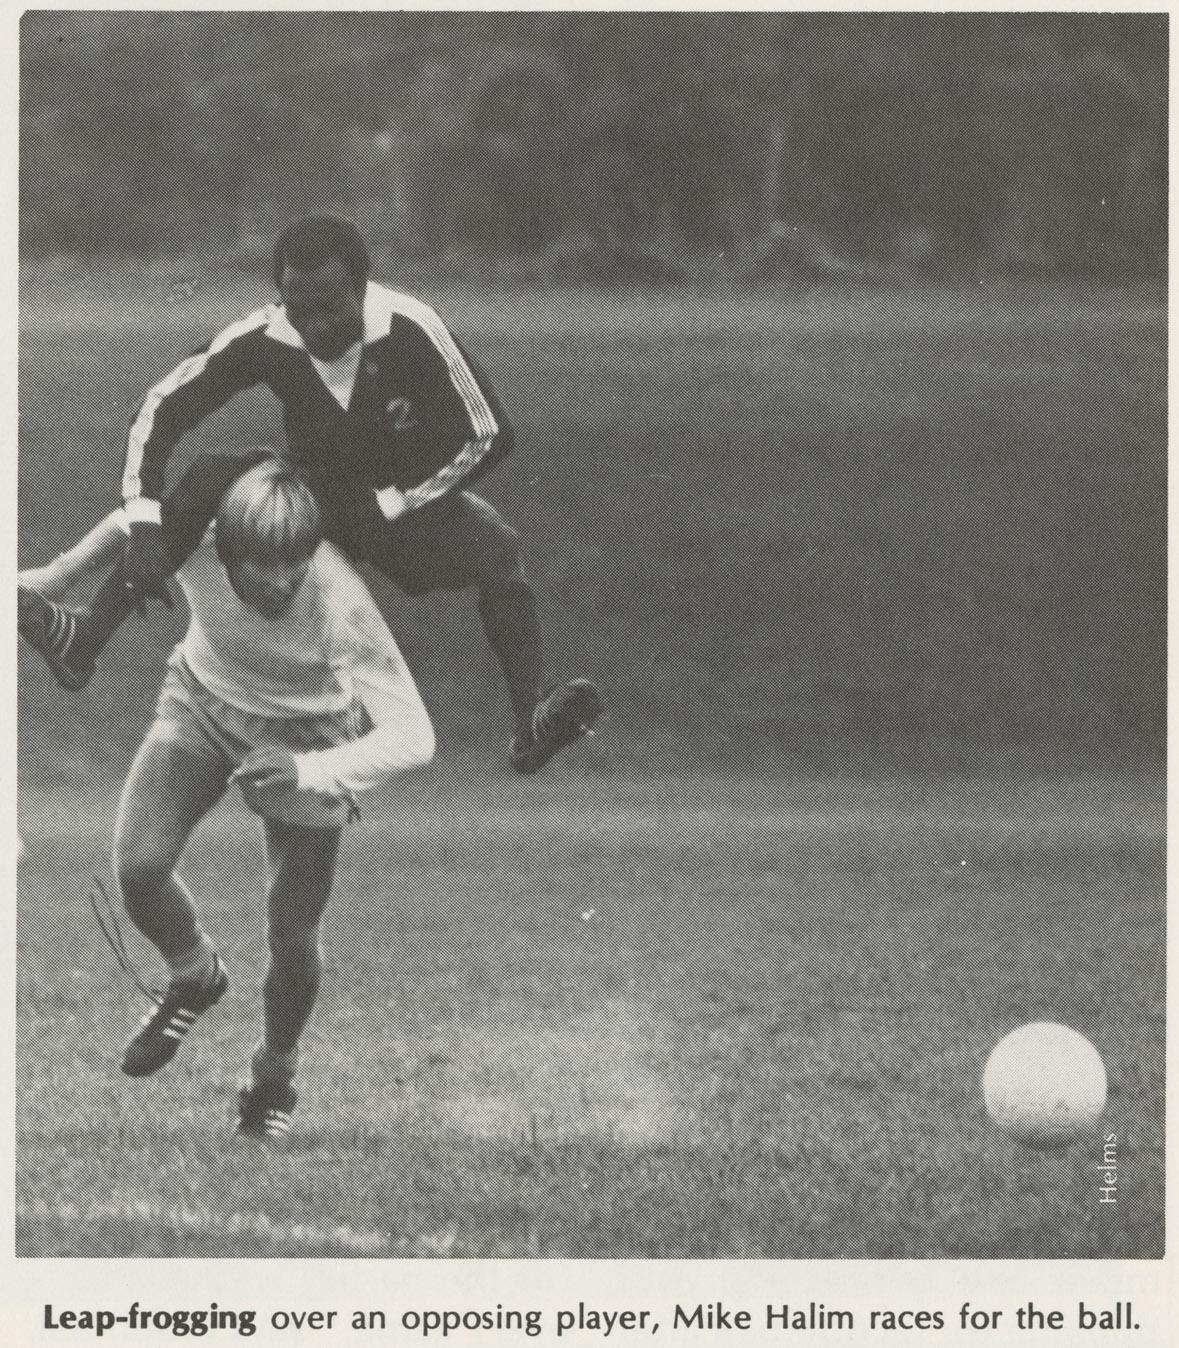 http://spec.lib.vt.edu/pickup/Omeka_upload/Bugle1981_pg183_Soccer.jpg